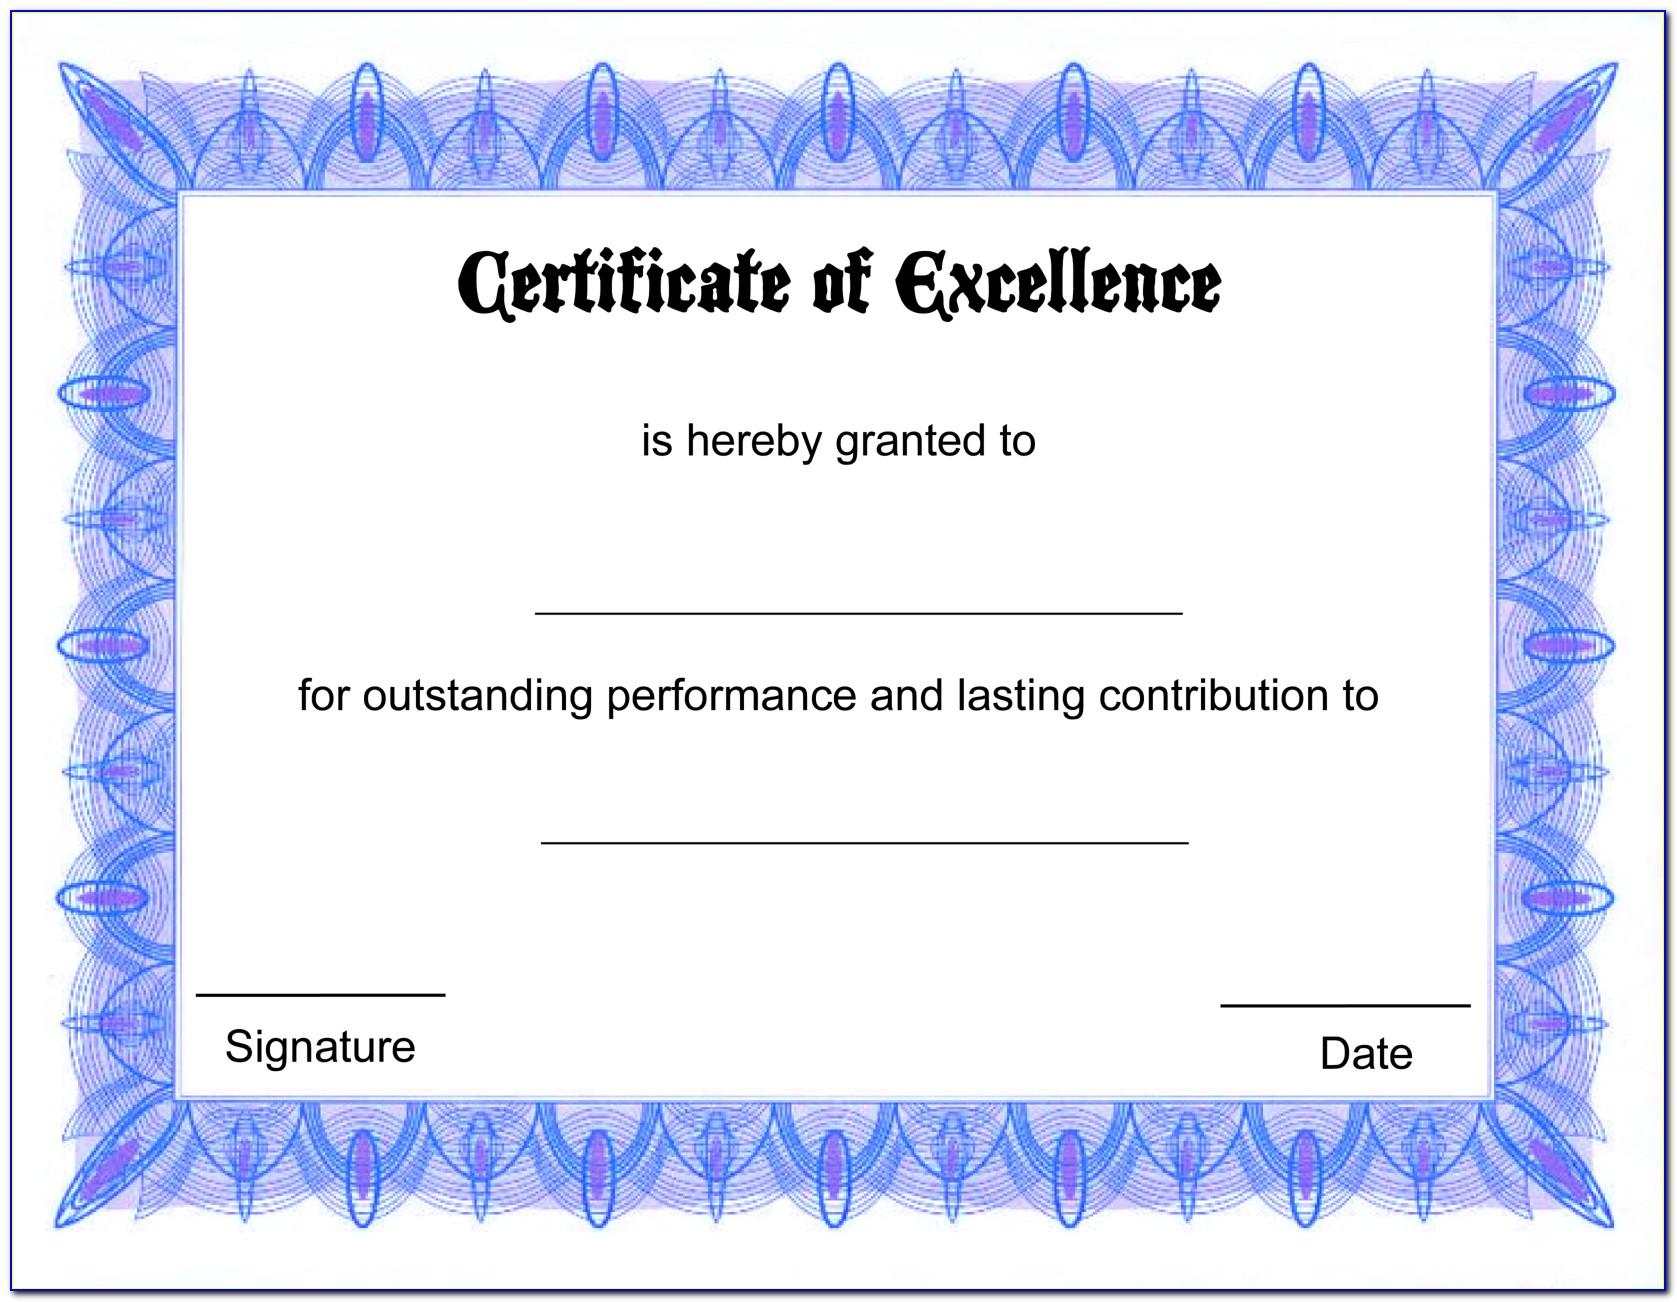 Fema Elevation Certificate Pdf